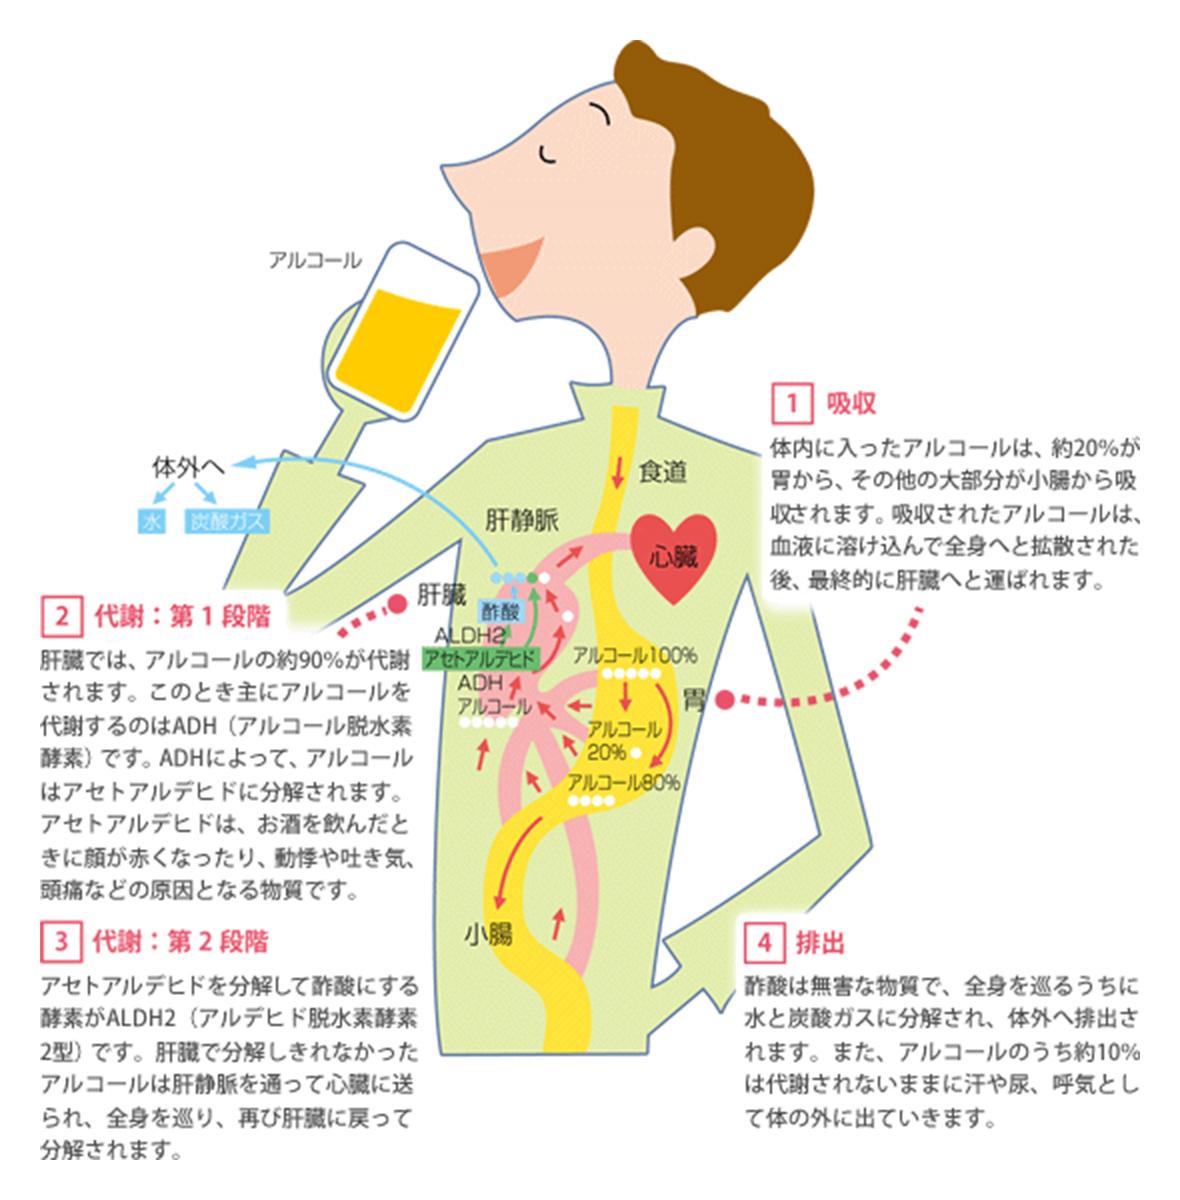 抜ける 時間 アルコール